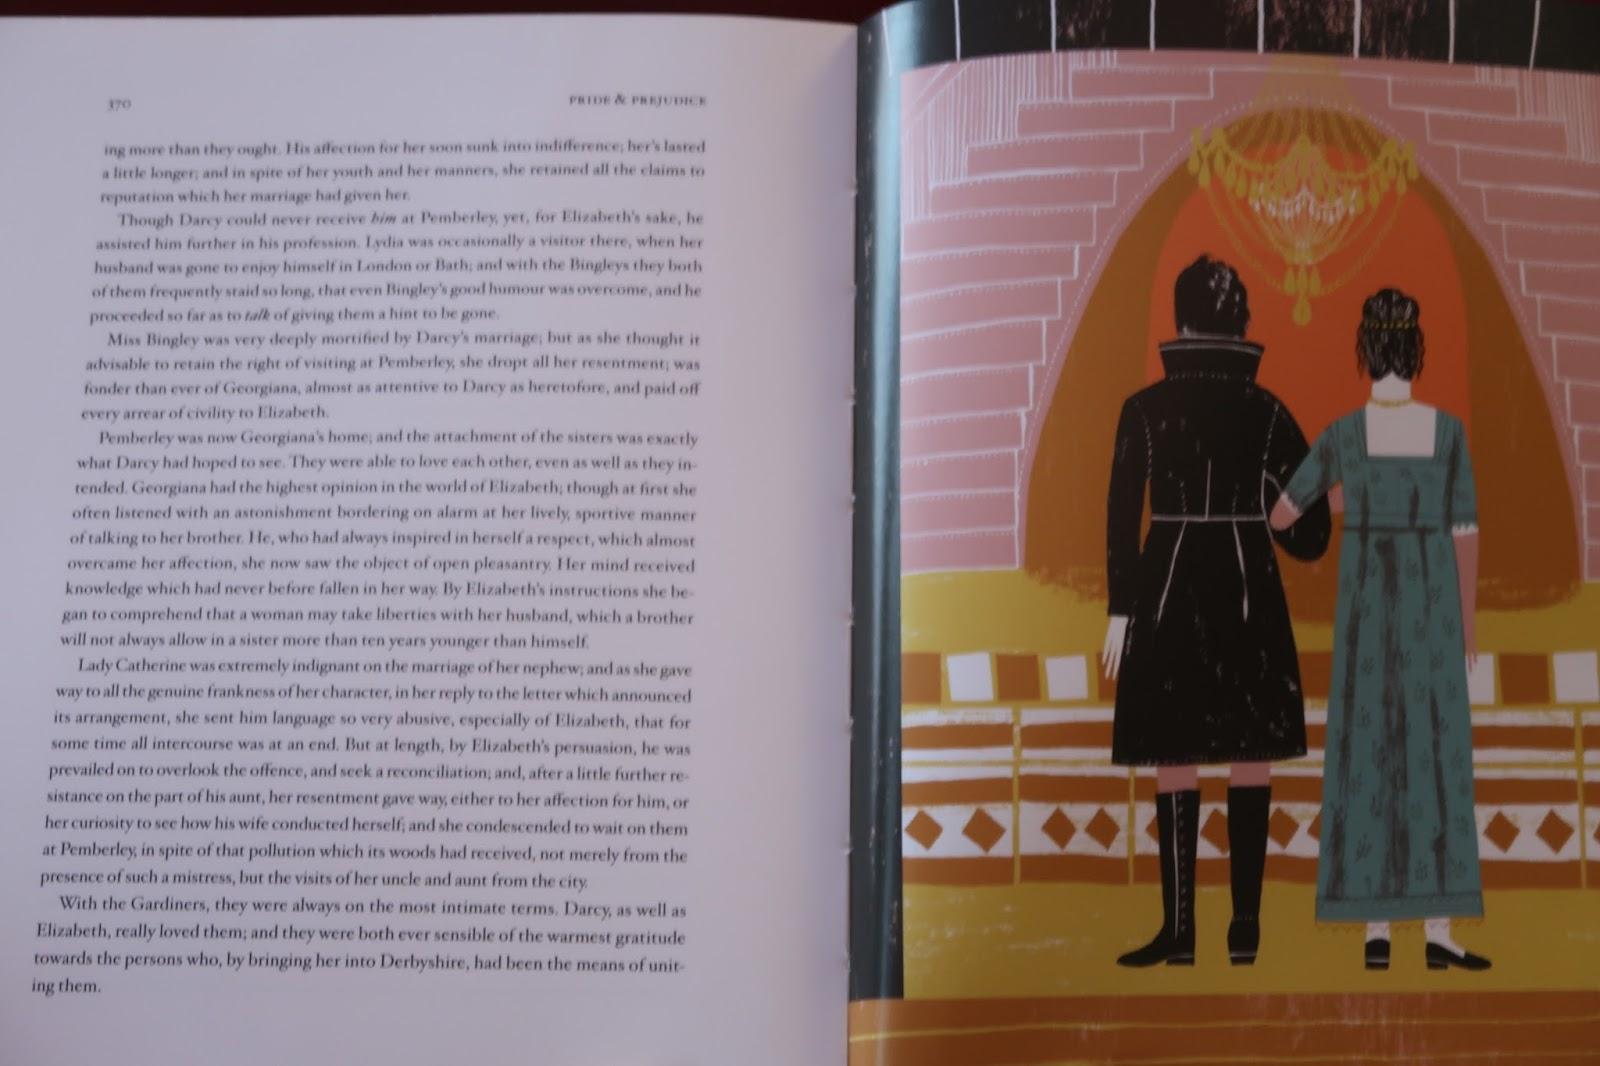 Tema Matrimonio Jane Austen : Jane austen empezó a escribir las más bellas historias de amor